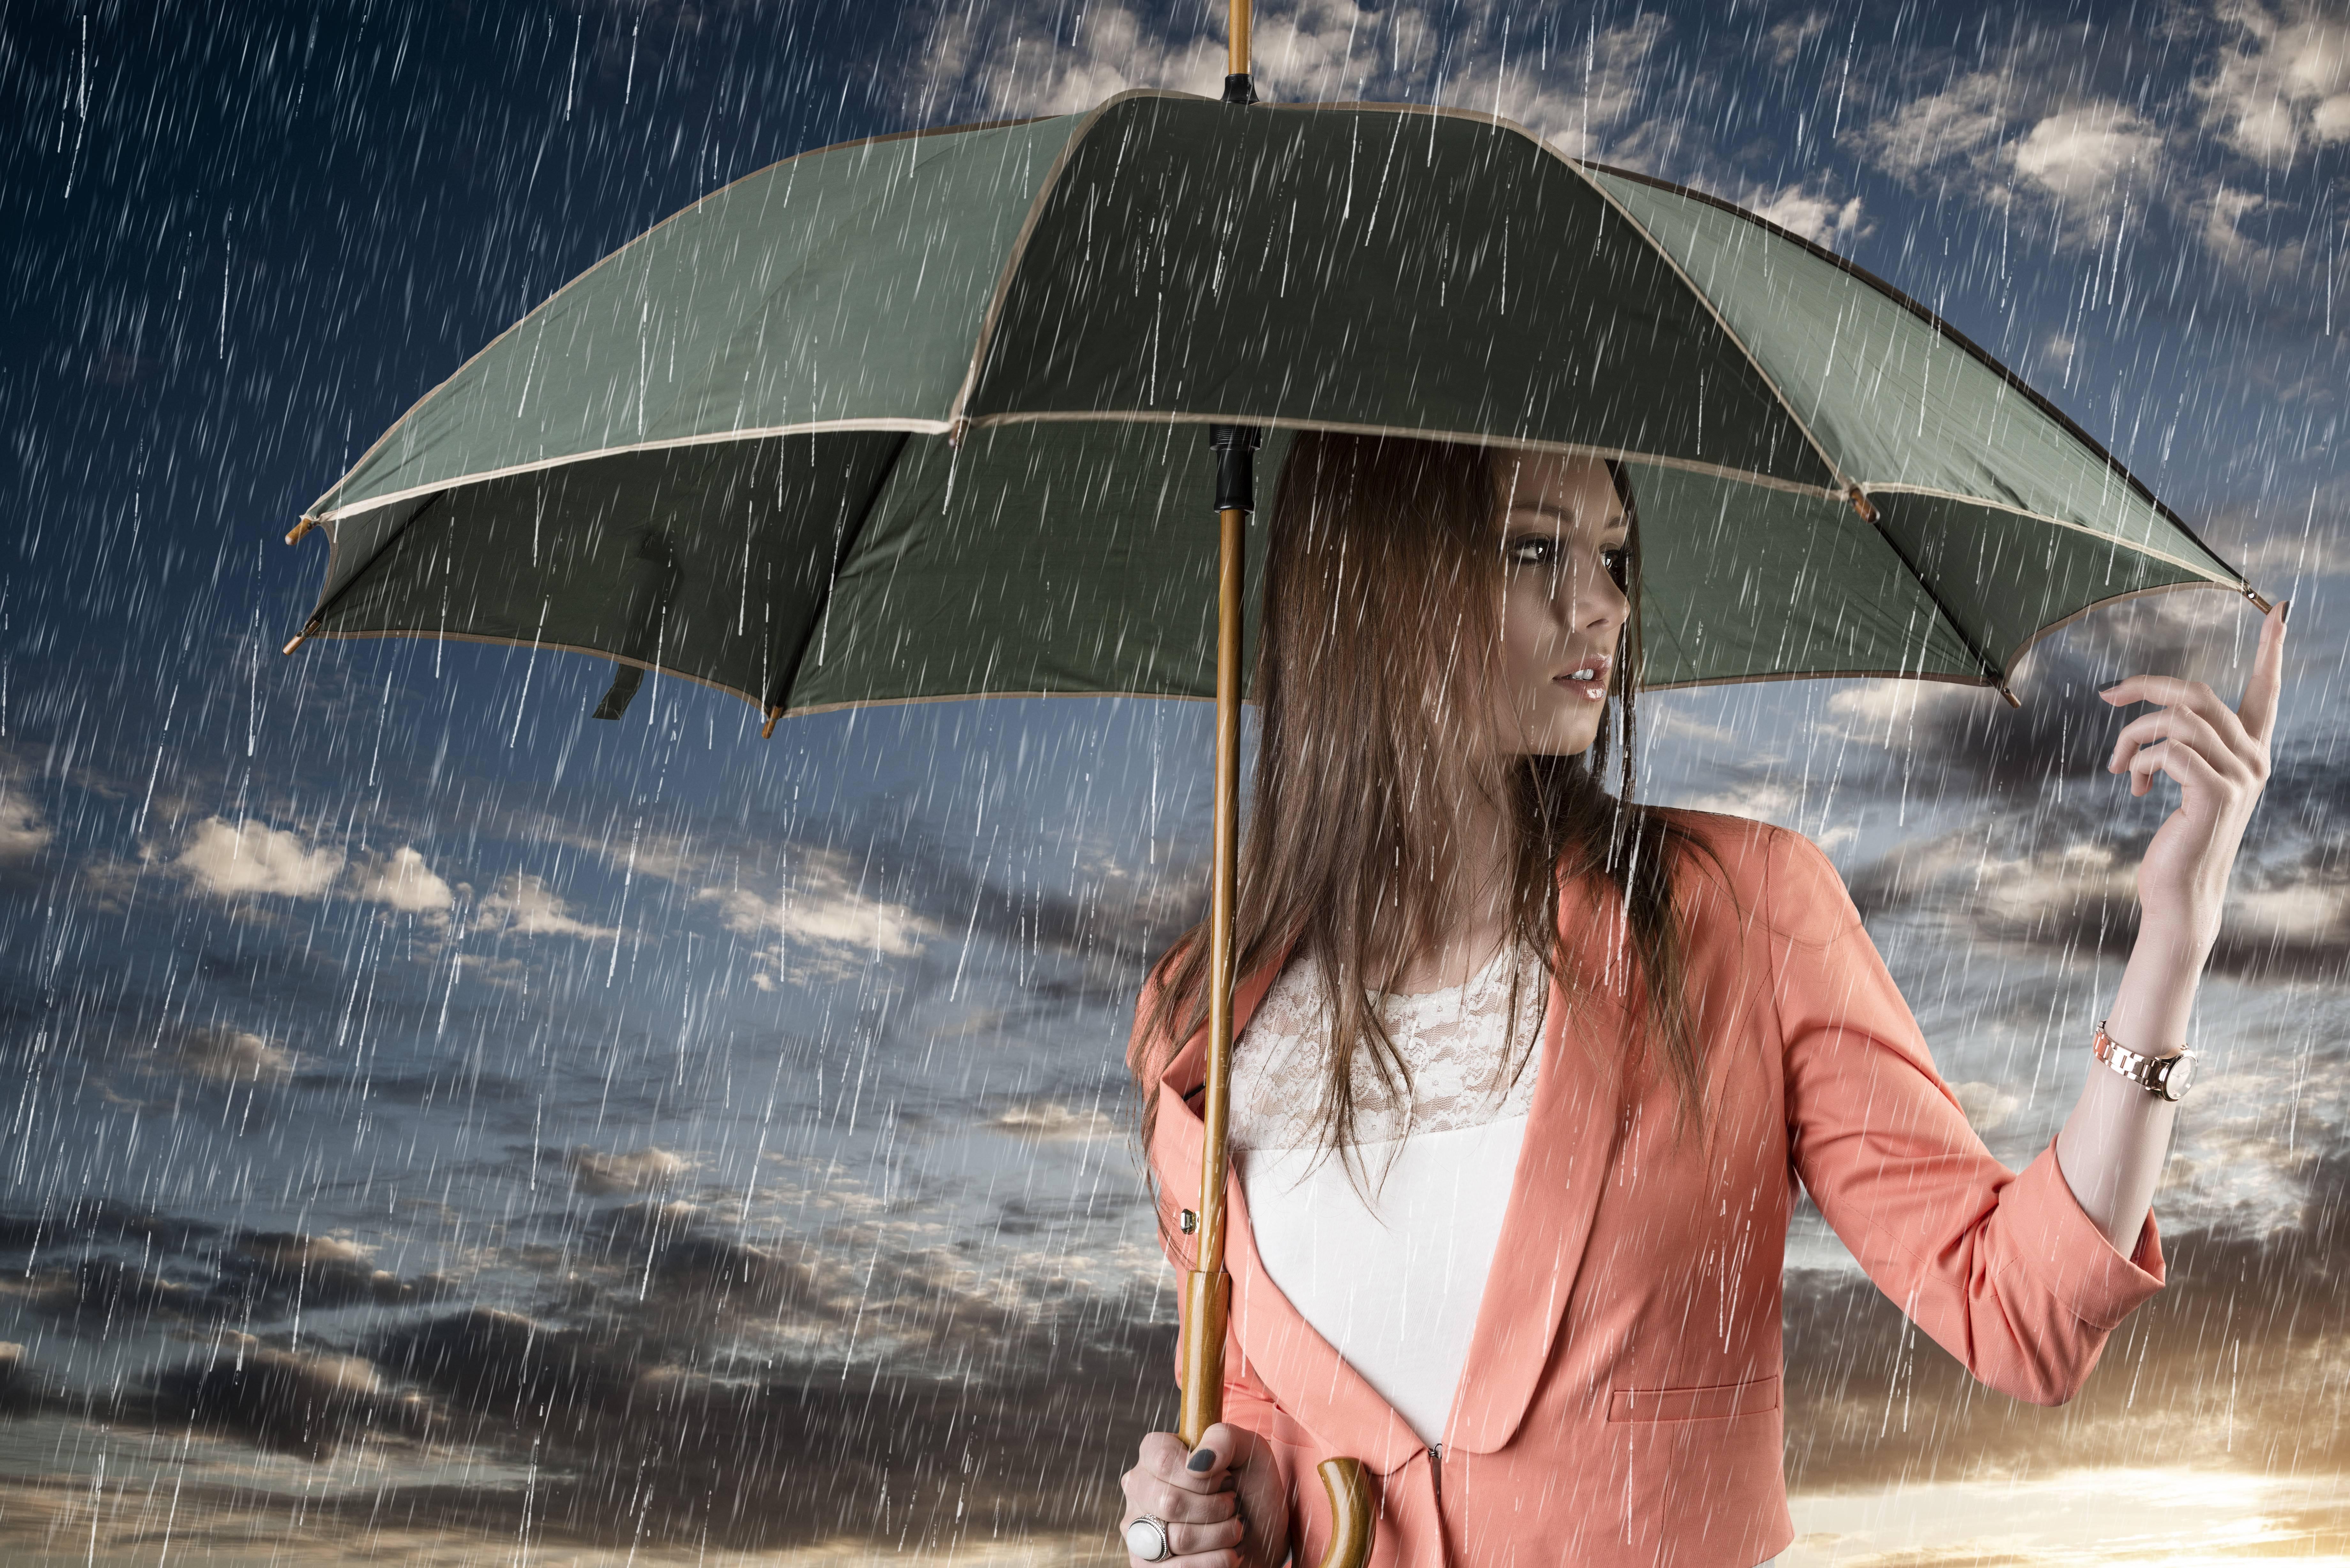 С зонтиком в лесу  № 3394143 без смс